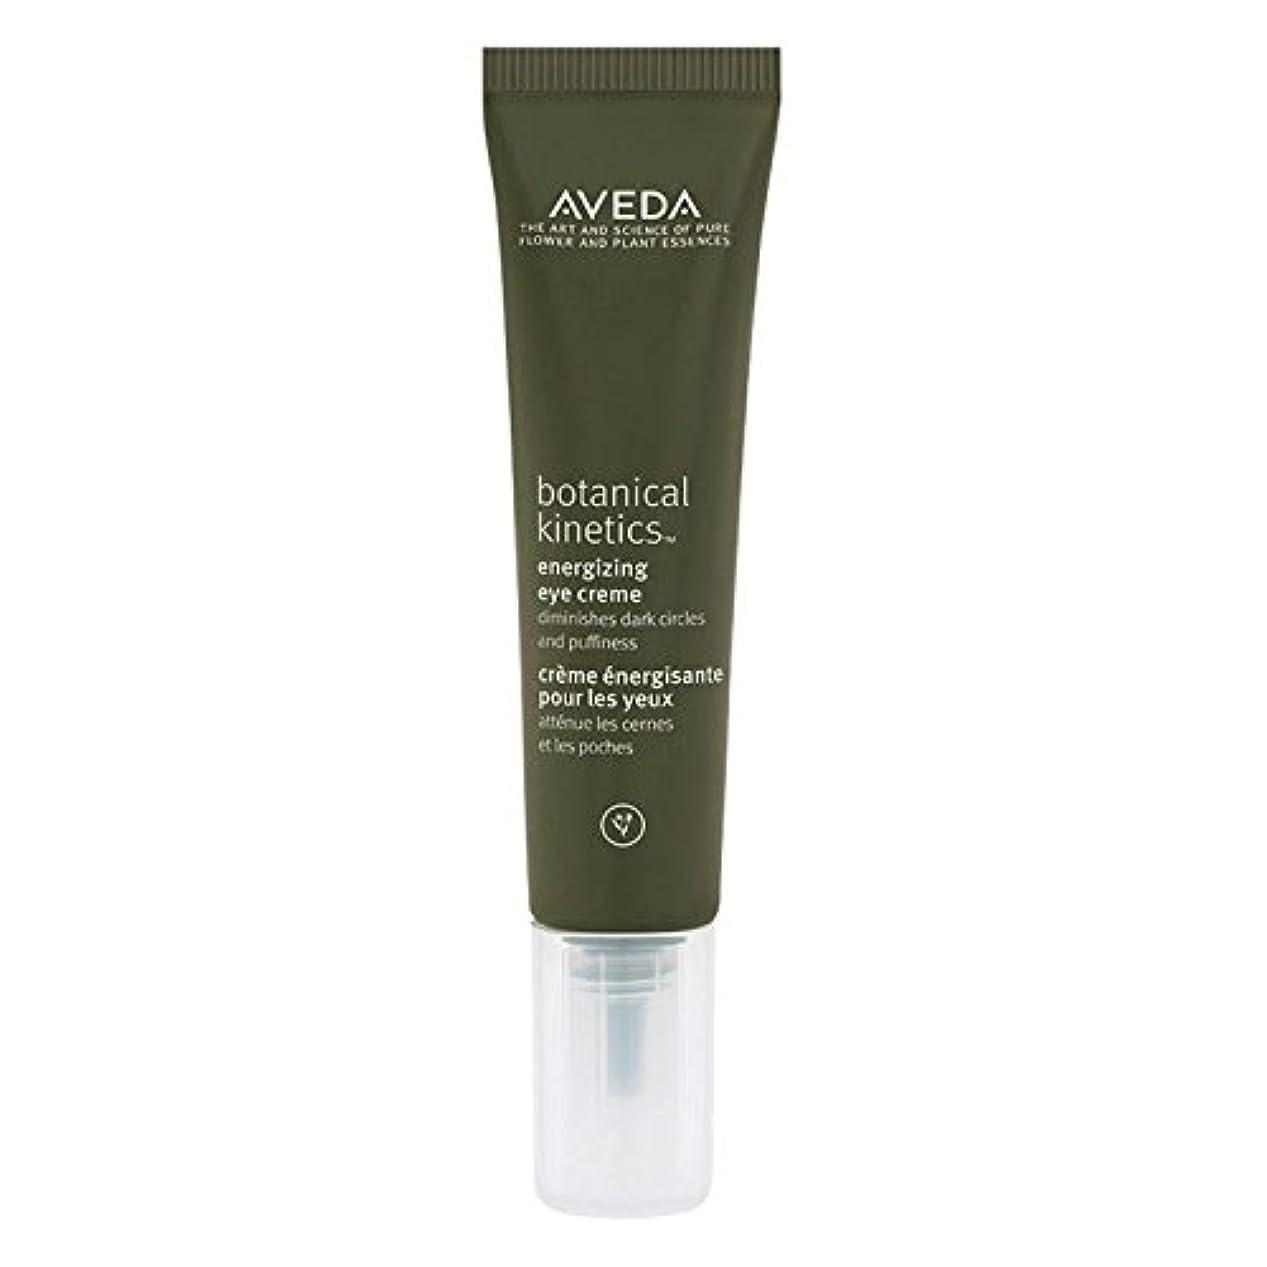 給料説明するラフト[AVEDA] アヴェダボタニカルキネティクス通電アイクリーム15ミリリットル - Aveda Botanical Kinetics Energizing Eye Cream 15ml [並行輸入品]